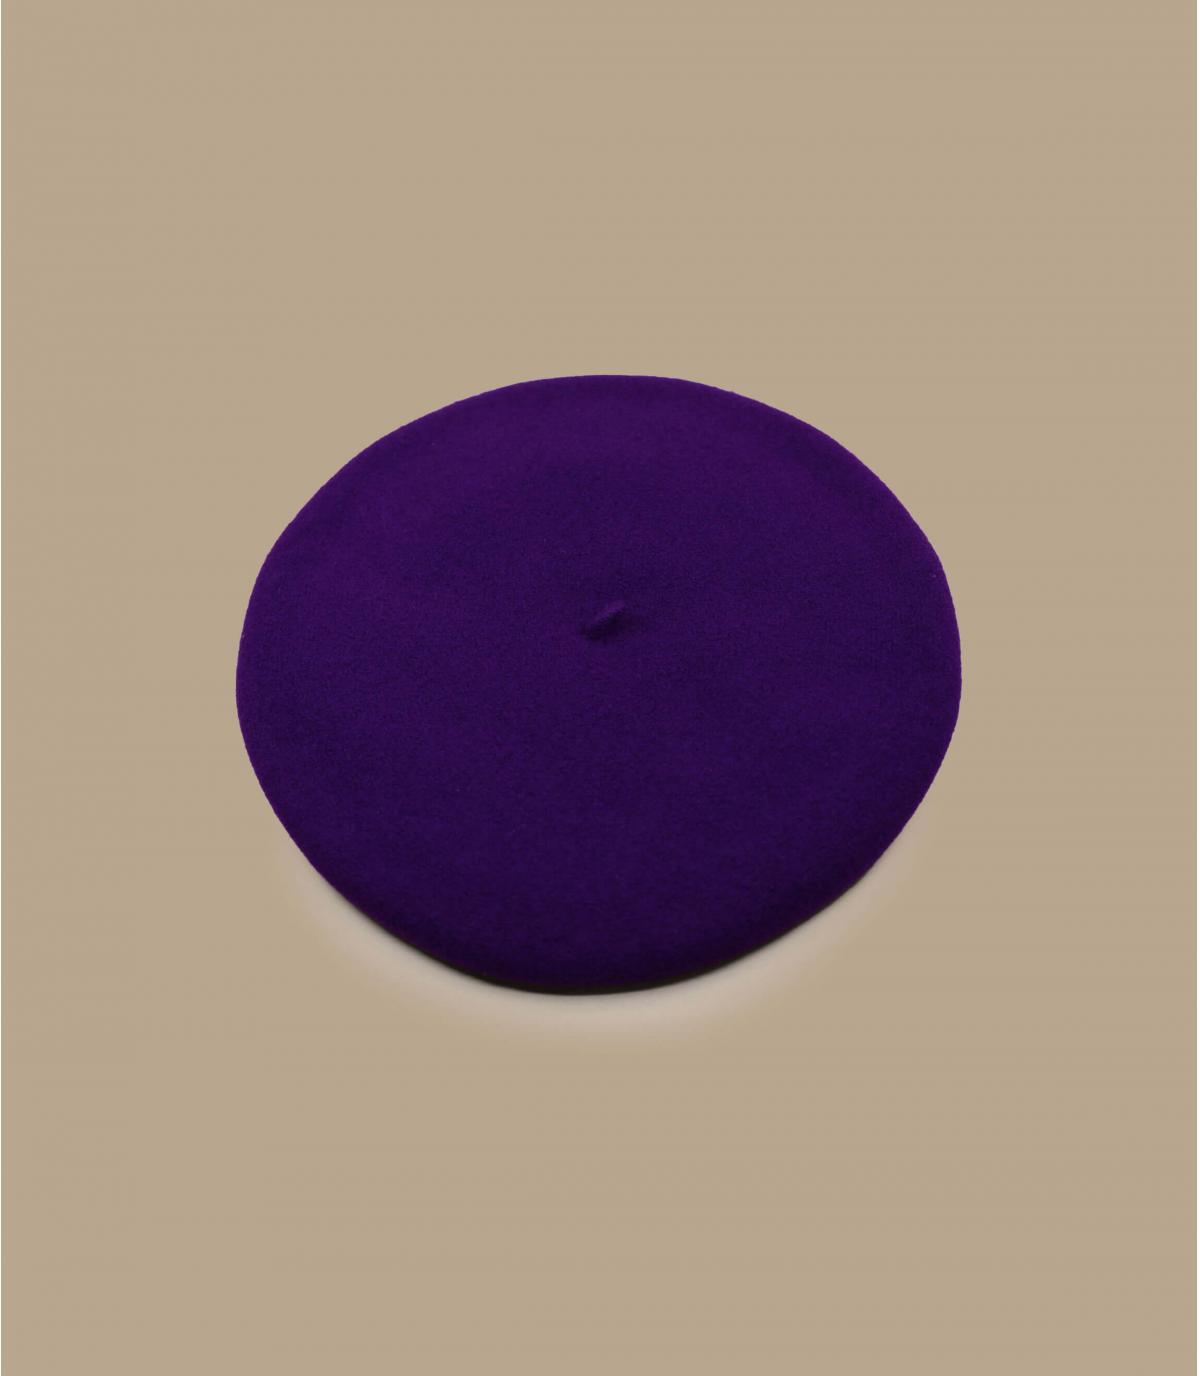 Détails L'Authentique violet - image 2